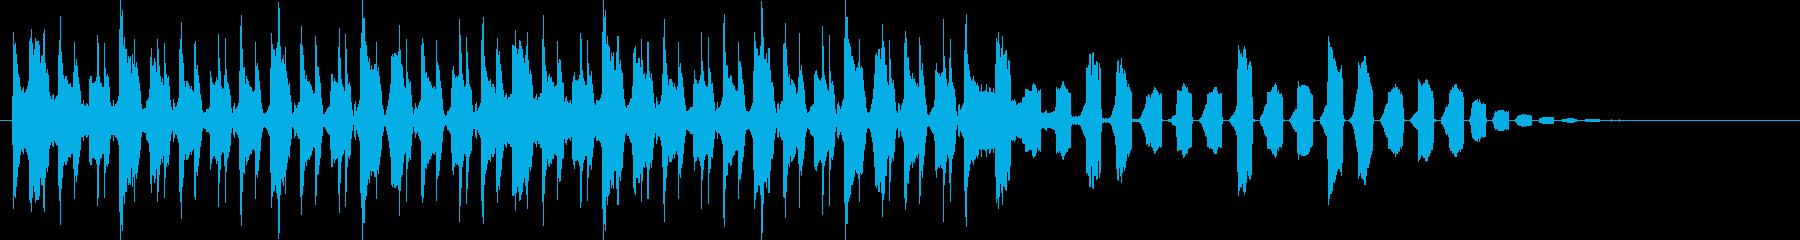 繰り返しのメロディーに次第に癒される曲の再生済みの波形